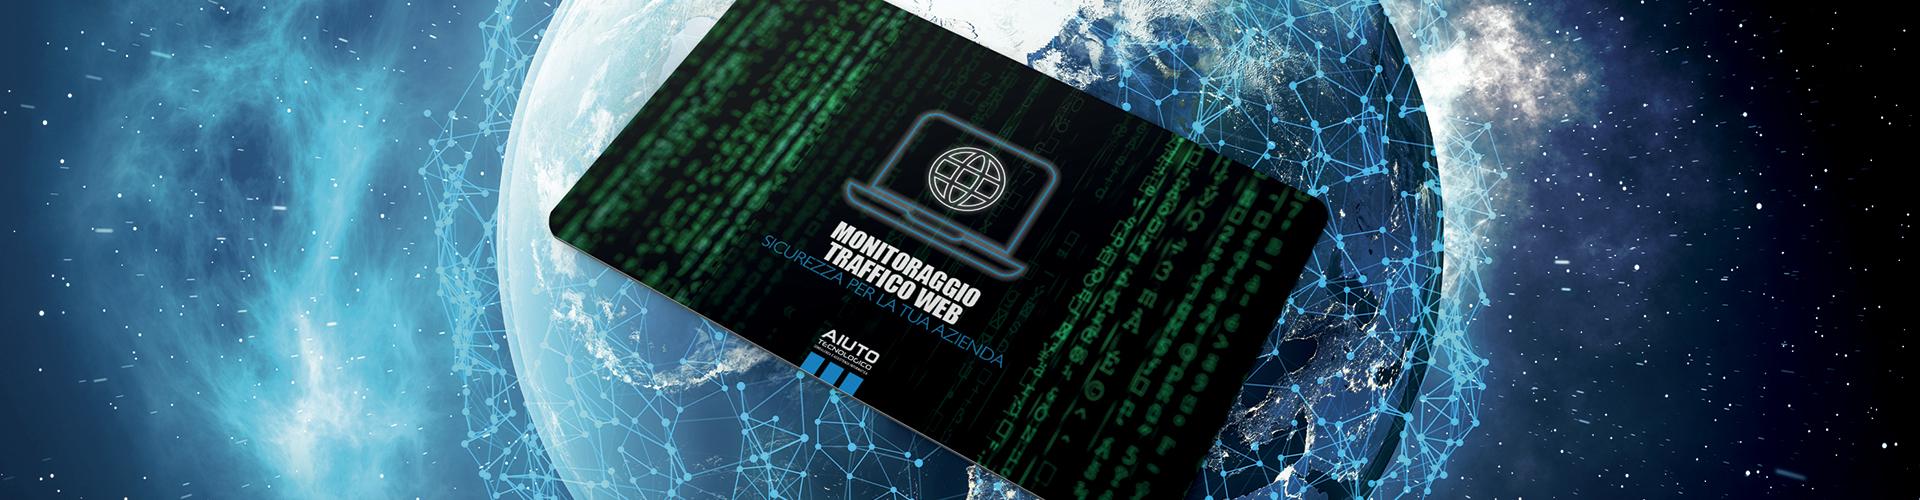 Monitoraggio Traffico Web di Aiuto Tecnologico